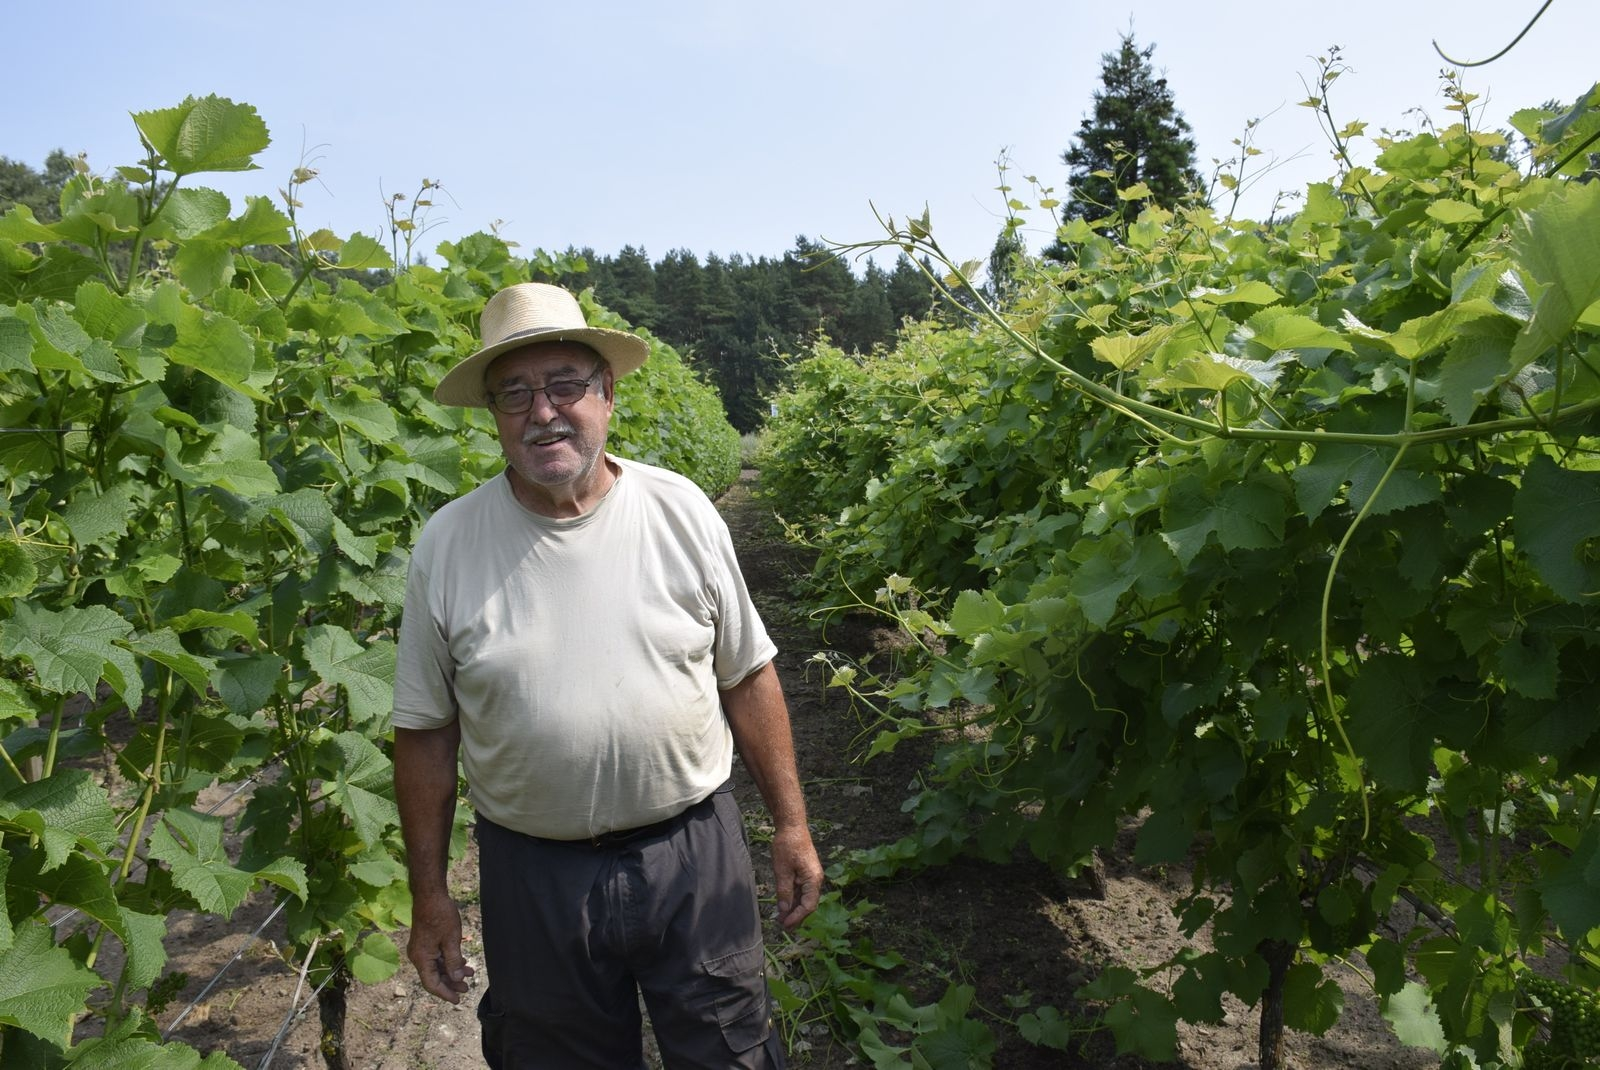 Svenska vinodlingens grand old man startade jakten på lämpliga druvor med hustrun Anita i egen båt genom Europas nordliga vindistrikt redan på 90-talet.